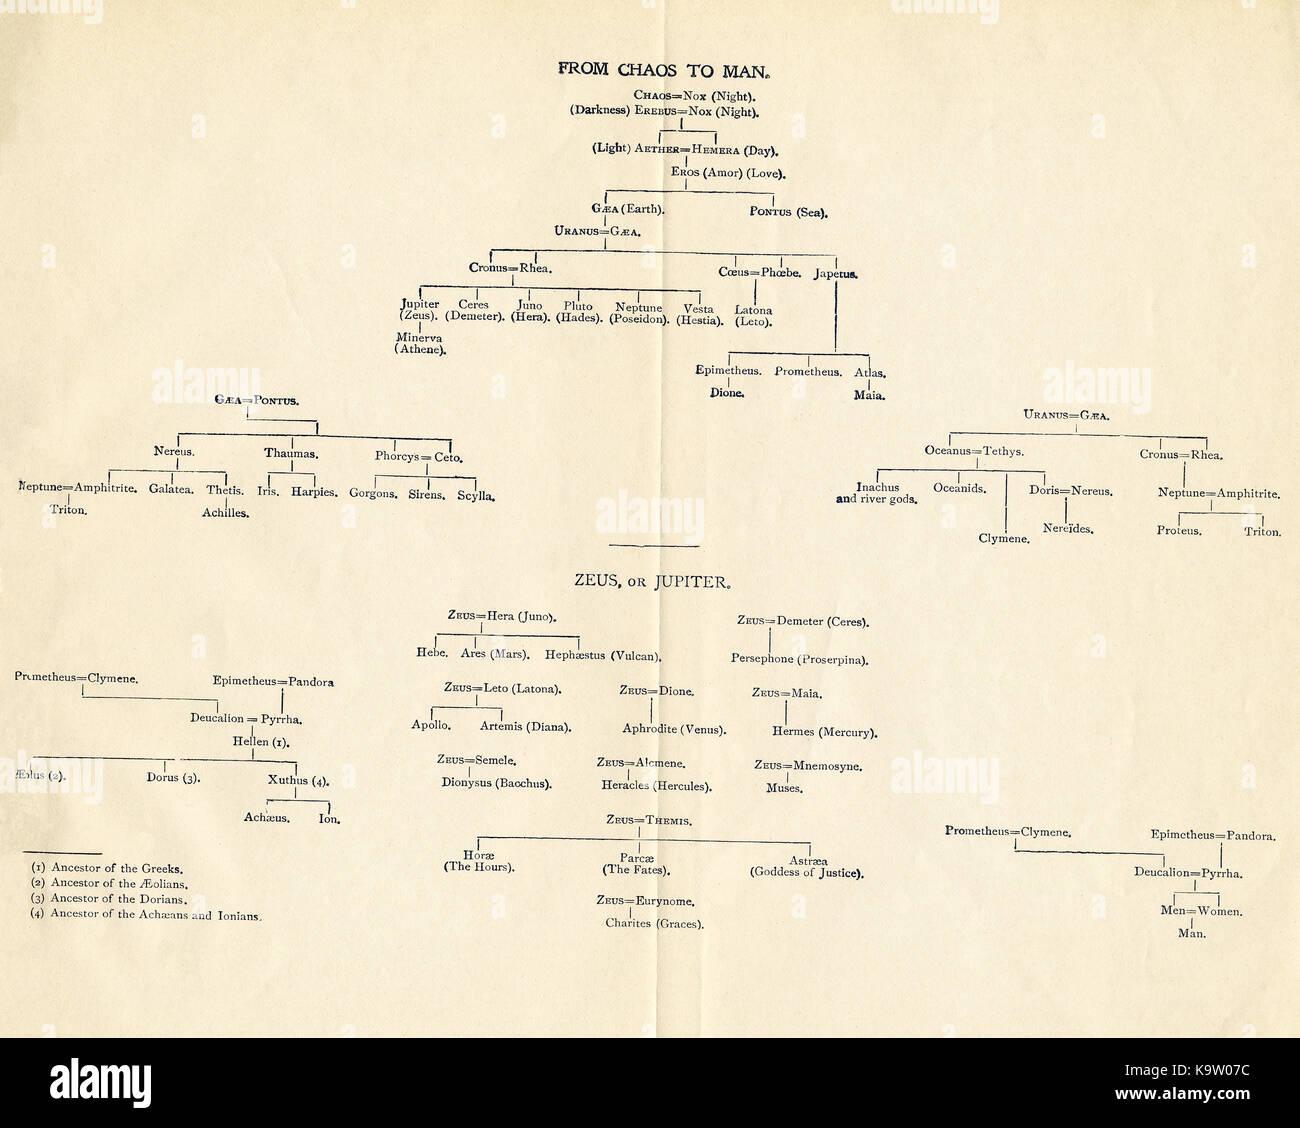 Ce tableau qui date de 1898 montre la généalogie, selon la mythologie grecque et romaine, de la lignée Photo Stock